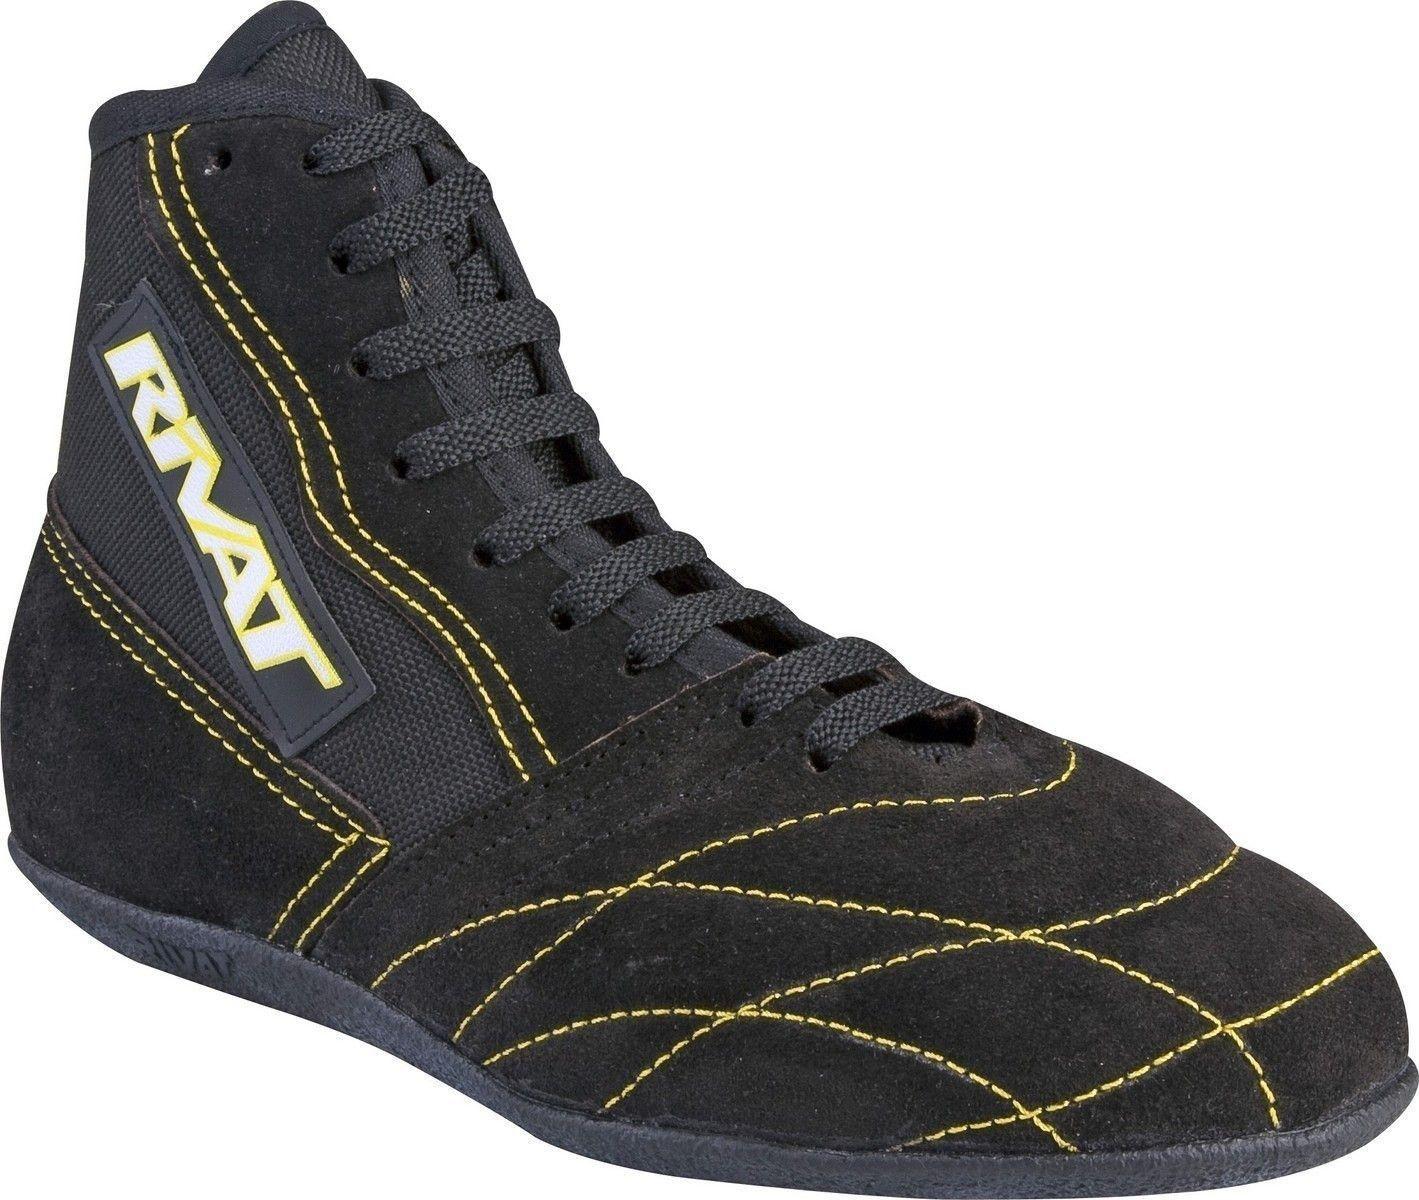 Chaussures Française De Rivat StrongChaussure Savate Boxe dWxCerBo